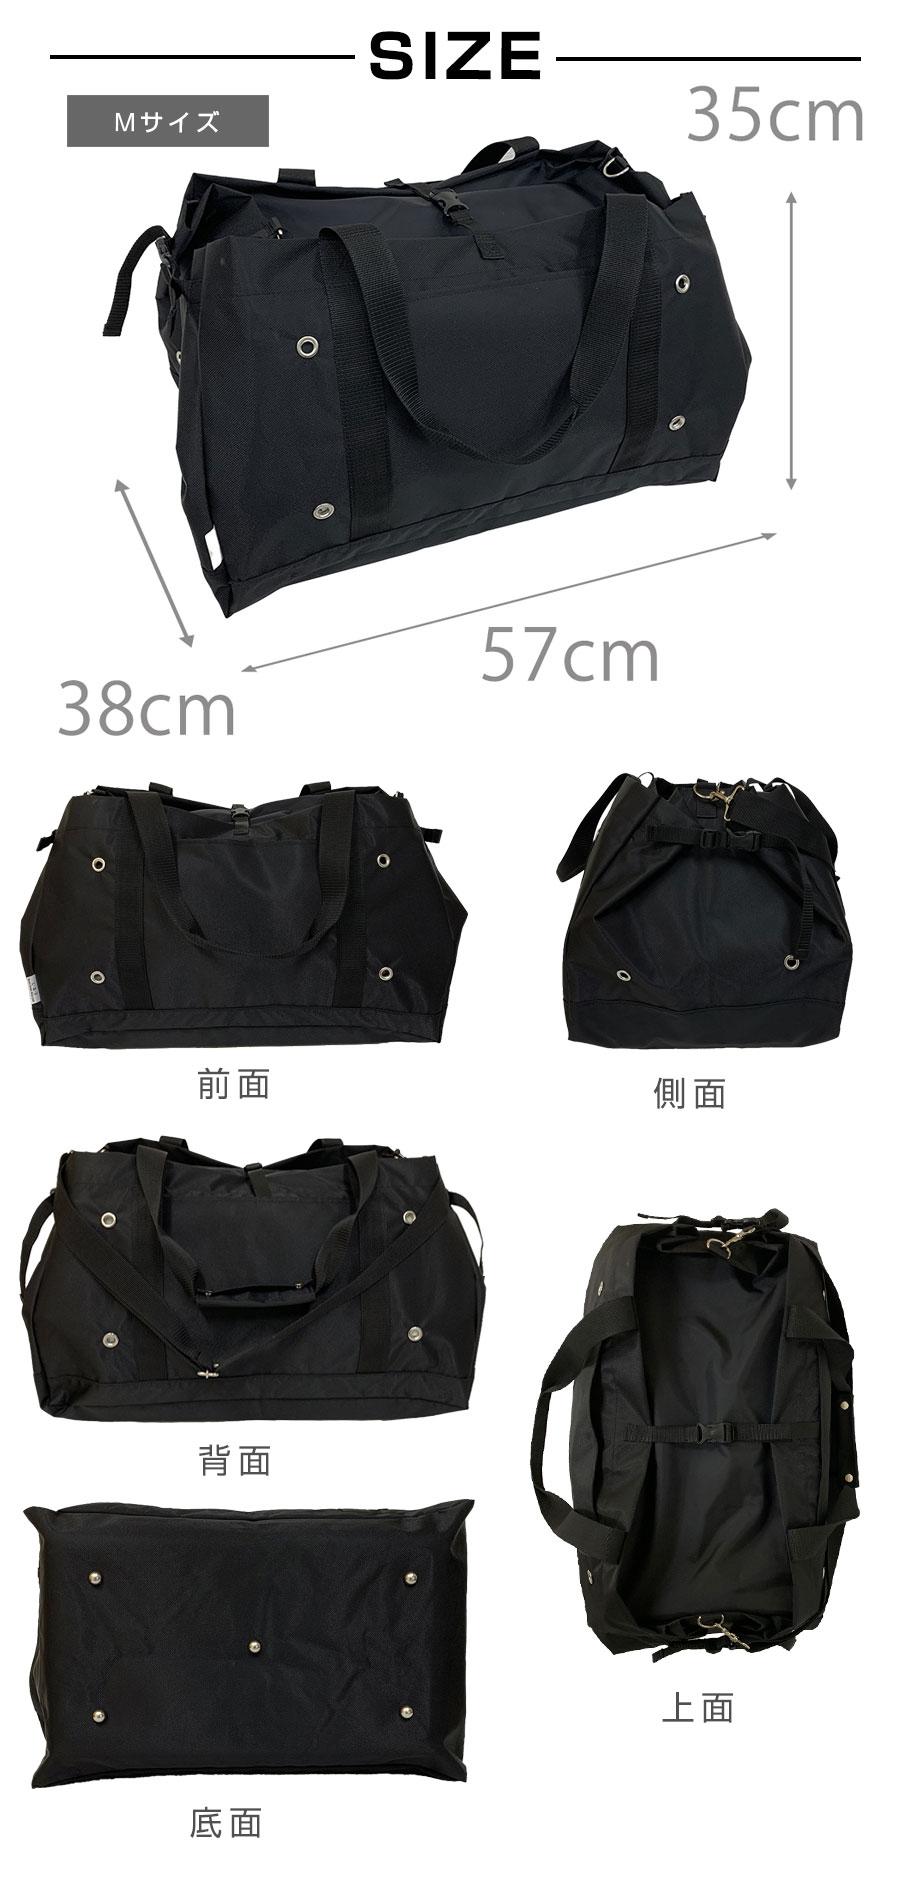 LIP1003 移動用キャリーがすっぽり収まる便利なバッグMサイズ